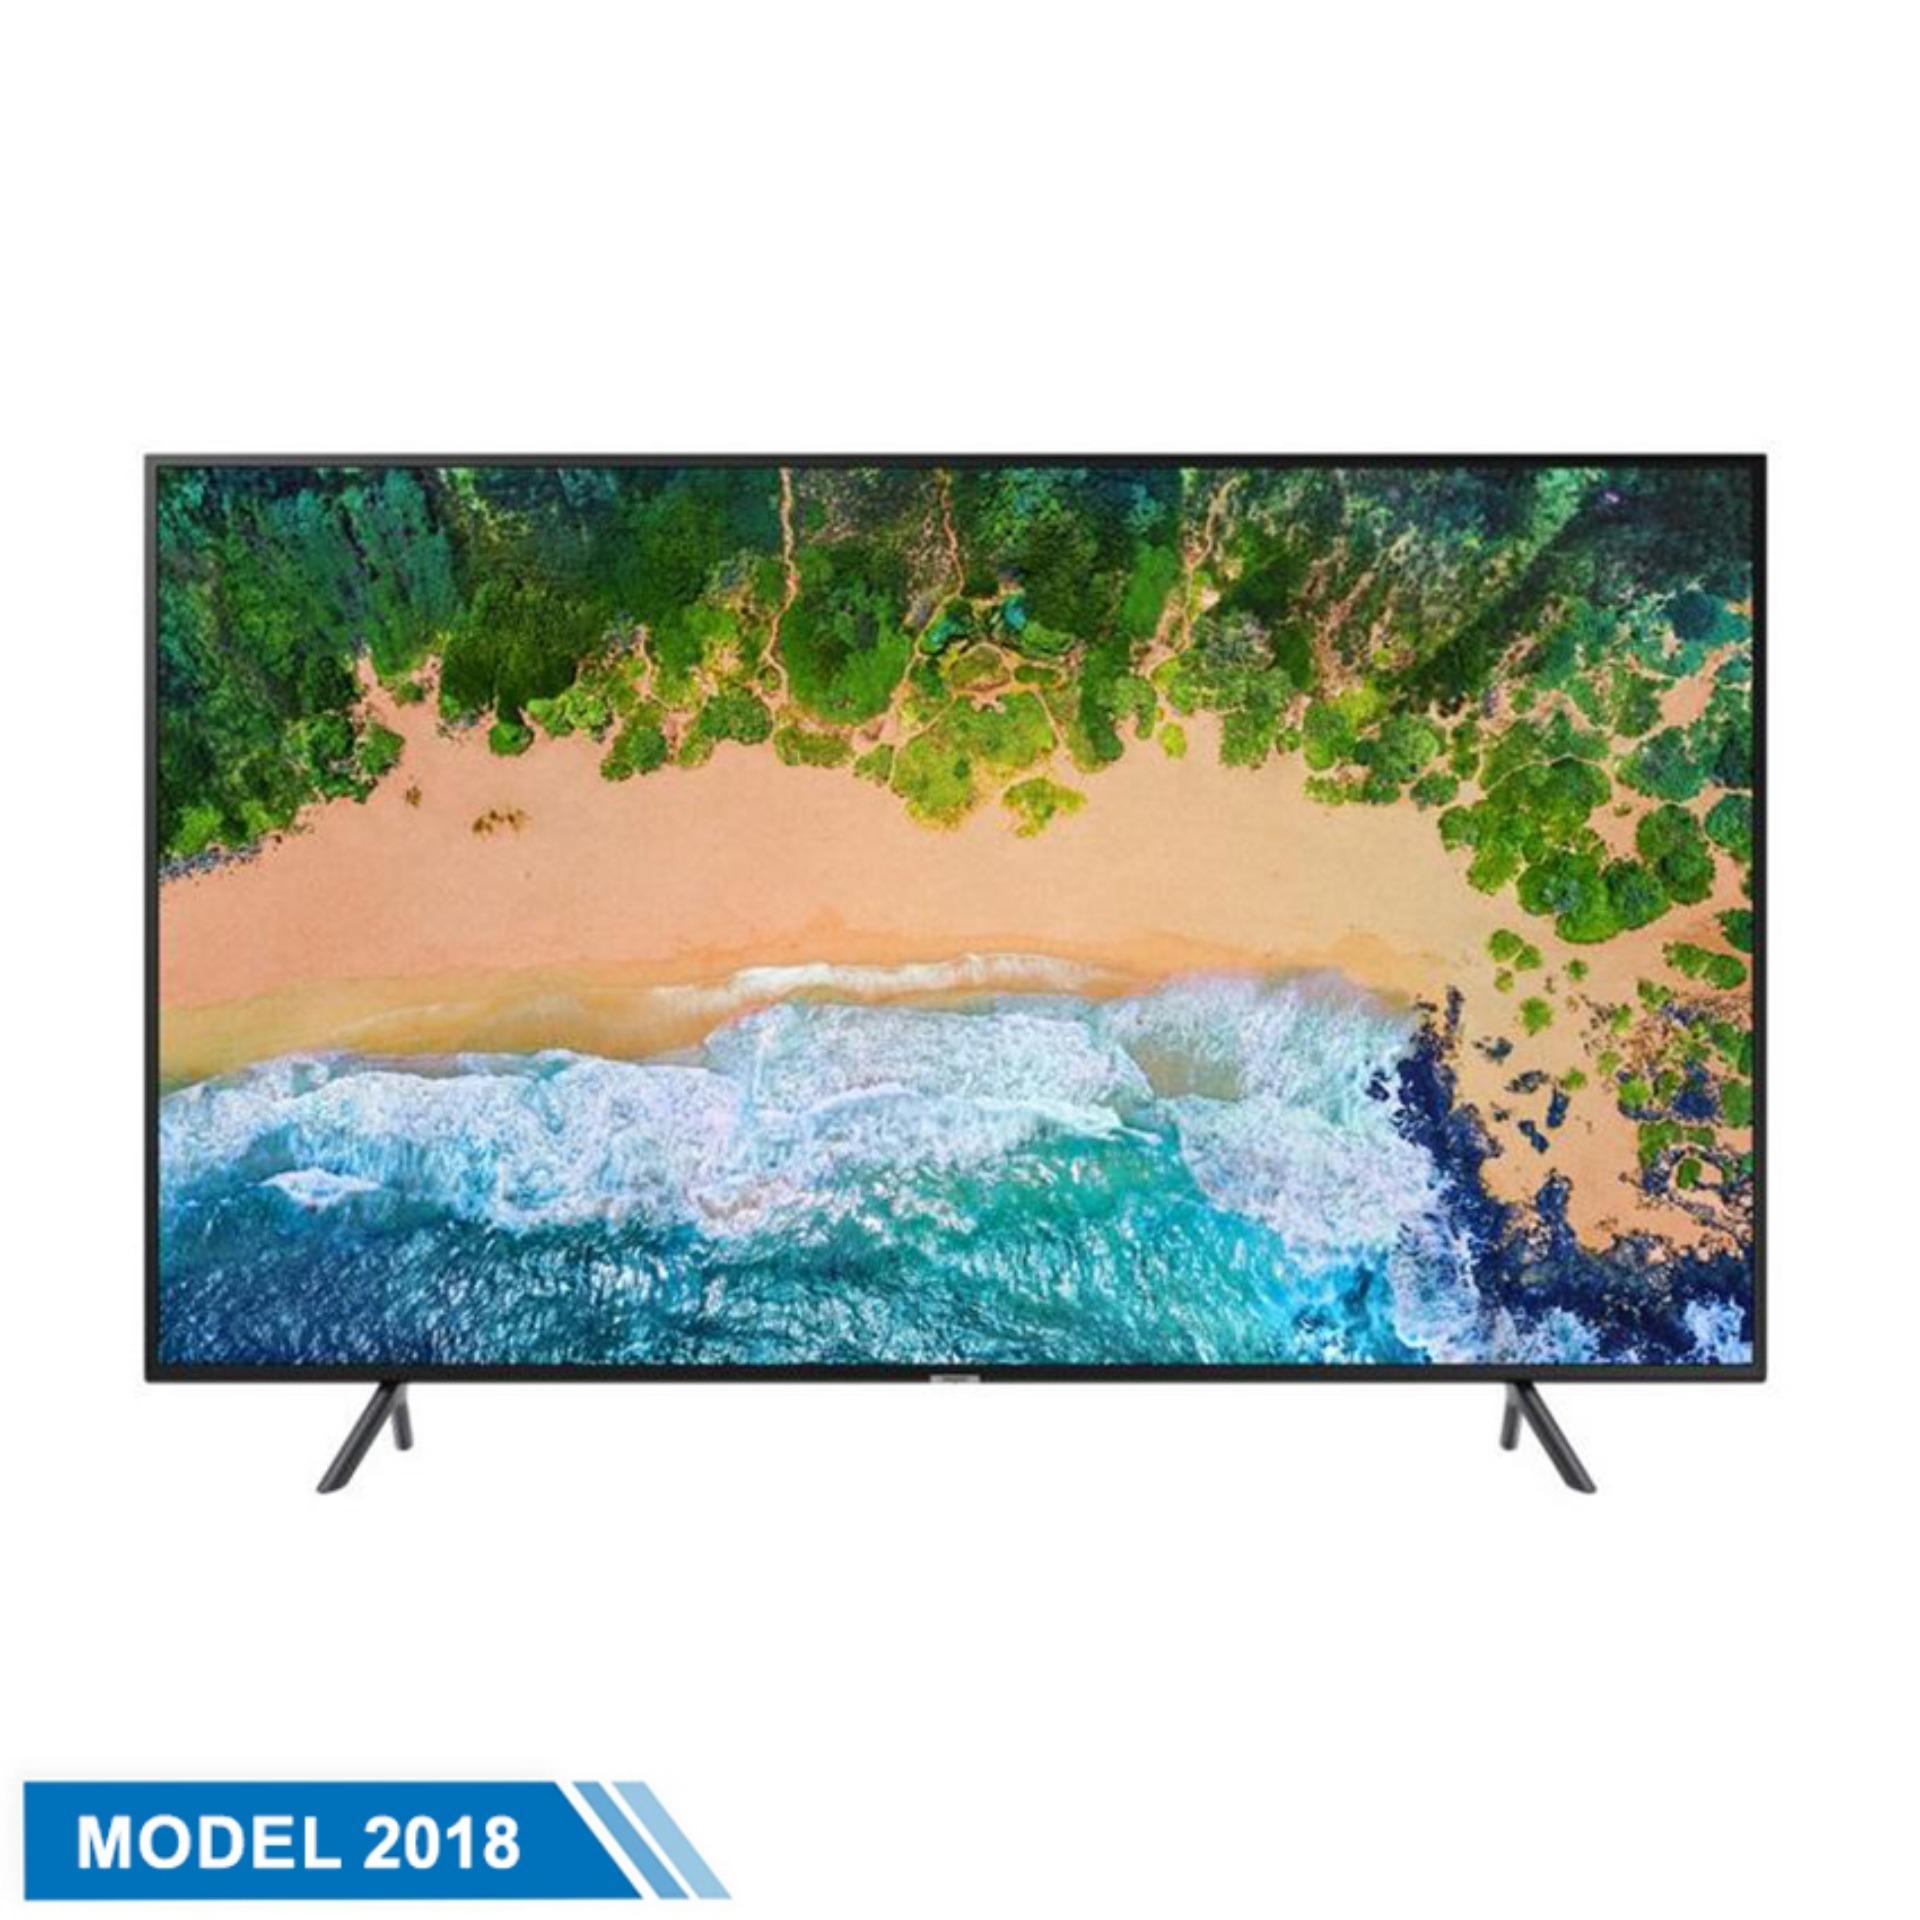 Smart TV Samsung 43inch 4K Ultra HD - Model UA43NU7100KXXV (Đen) - Hãng phân phối chính thức